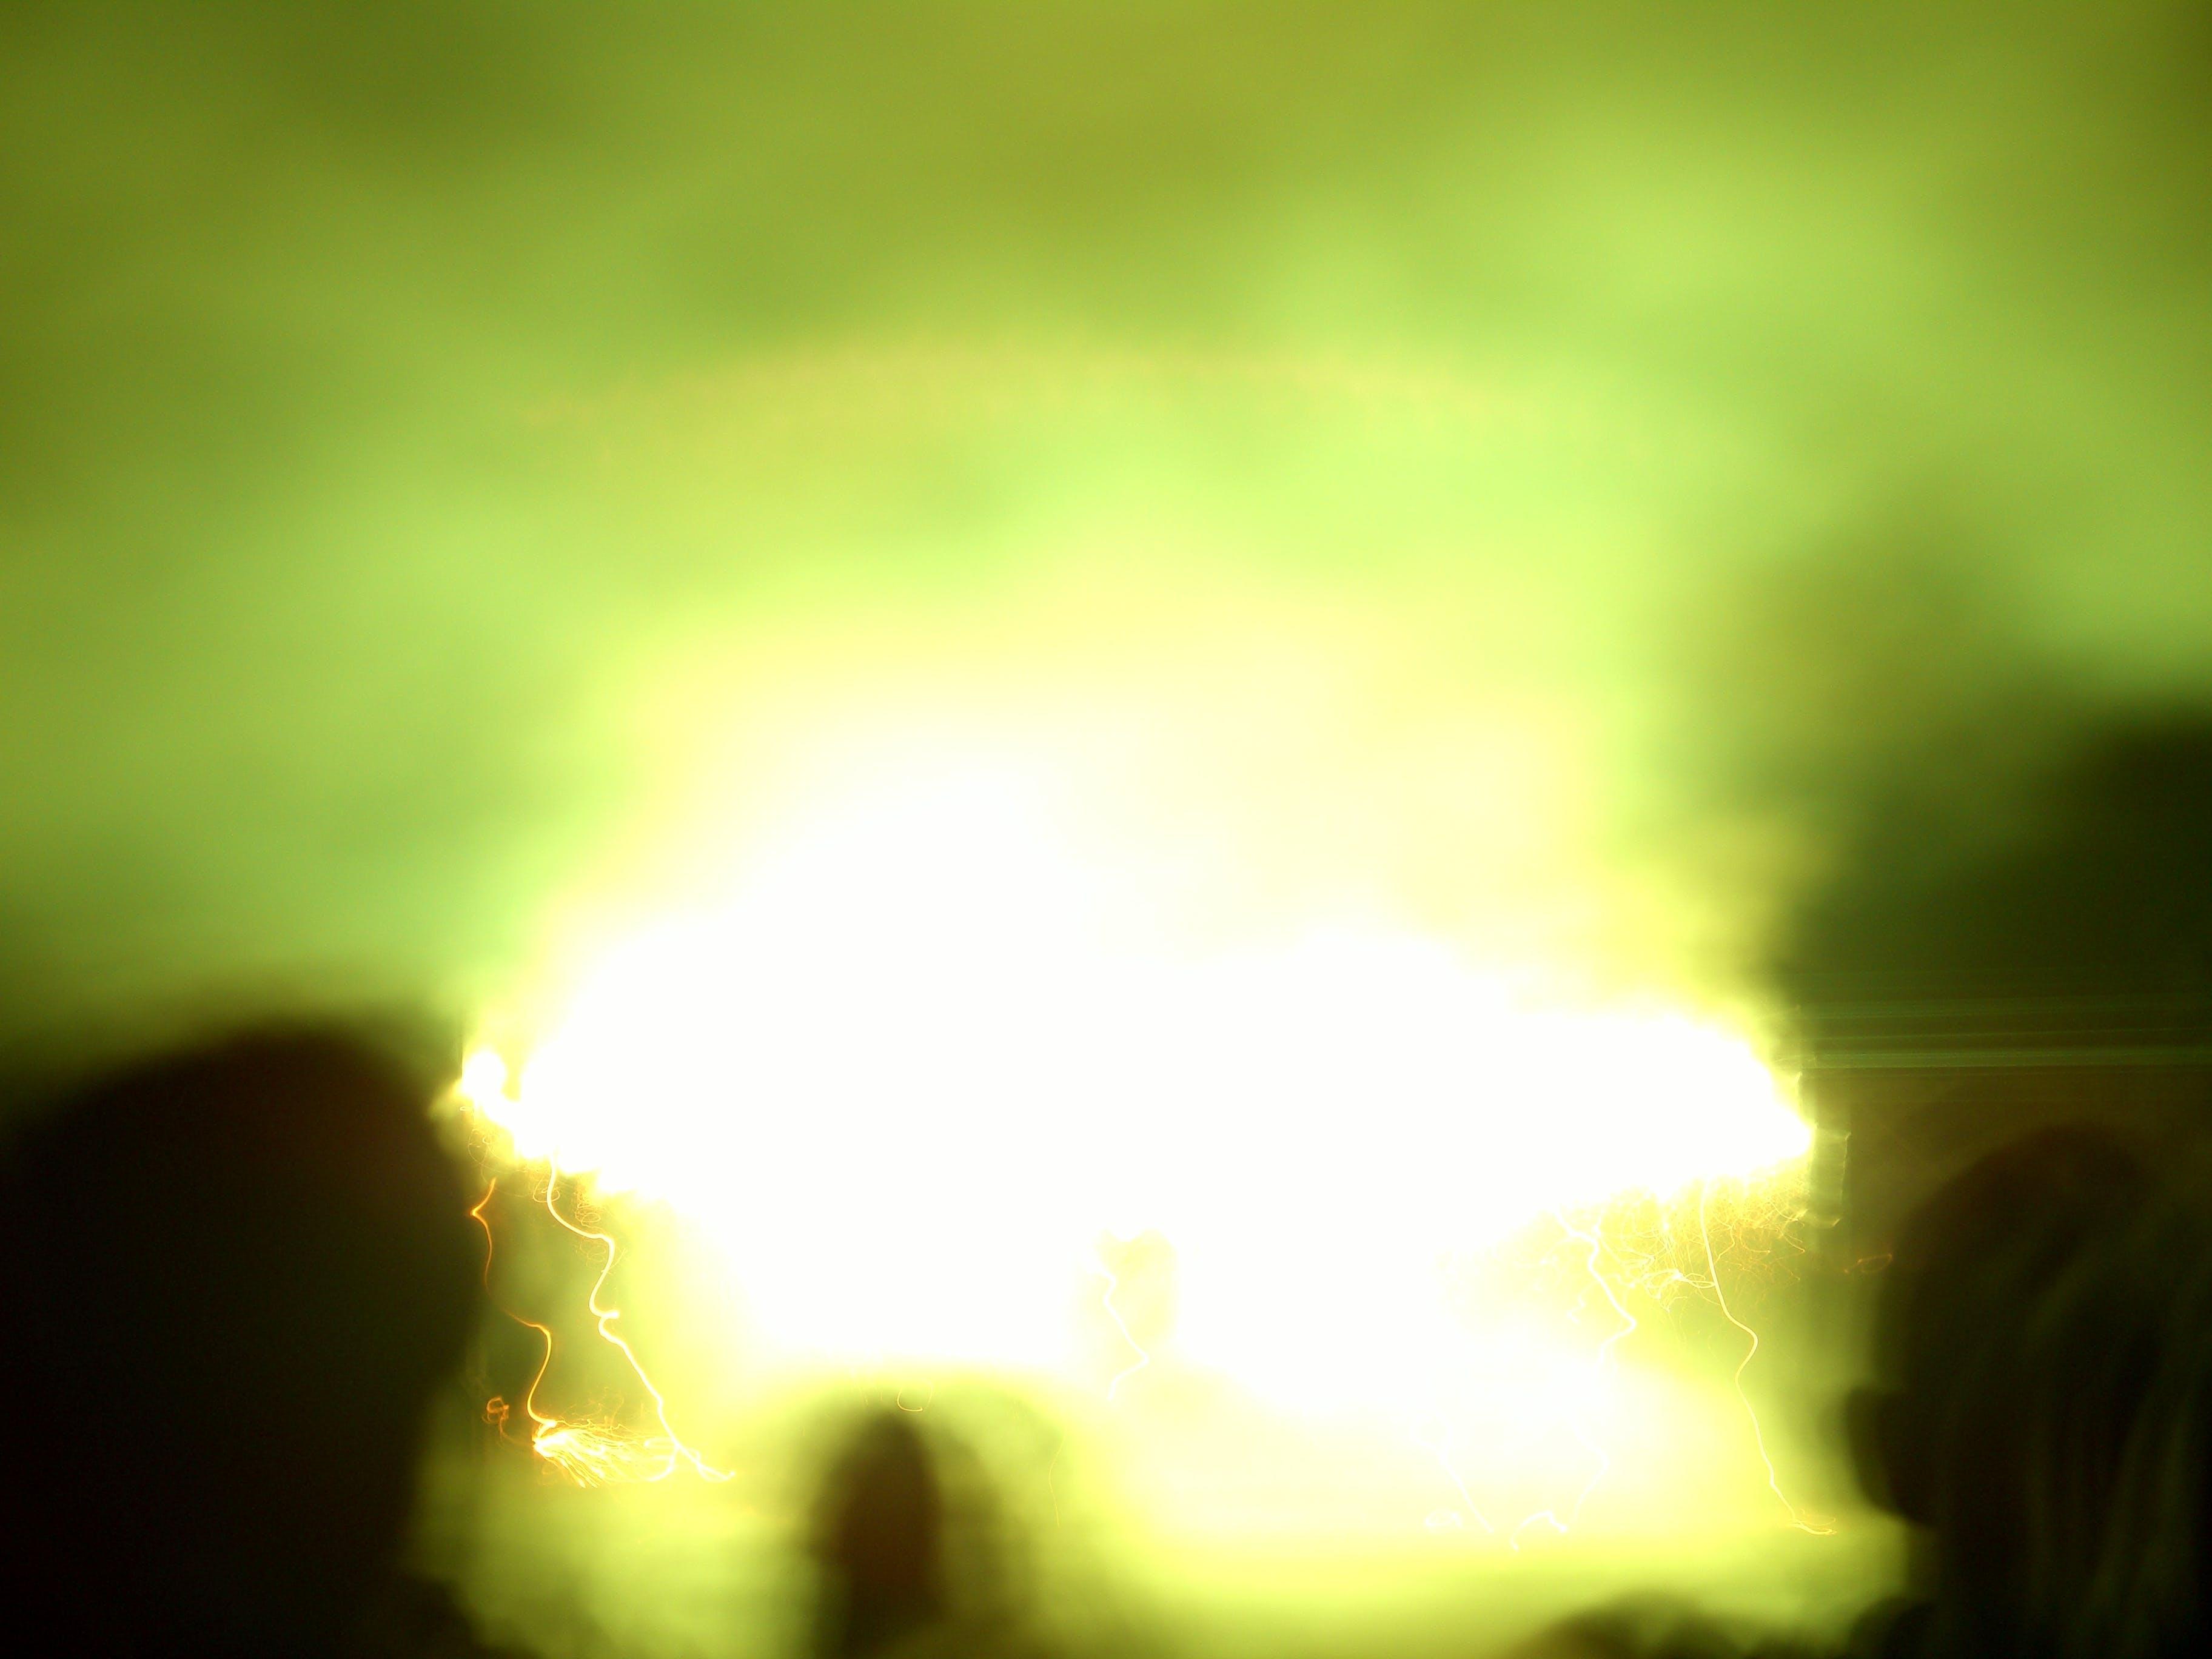 밝은, 불꽃놀이의 무료 스톡 사진